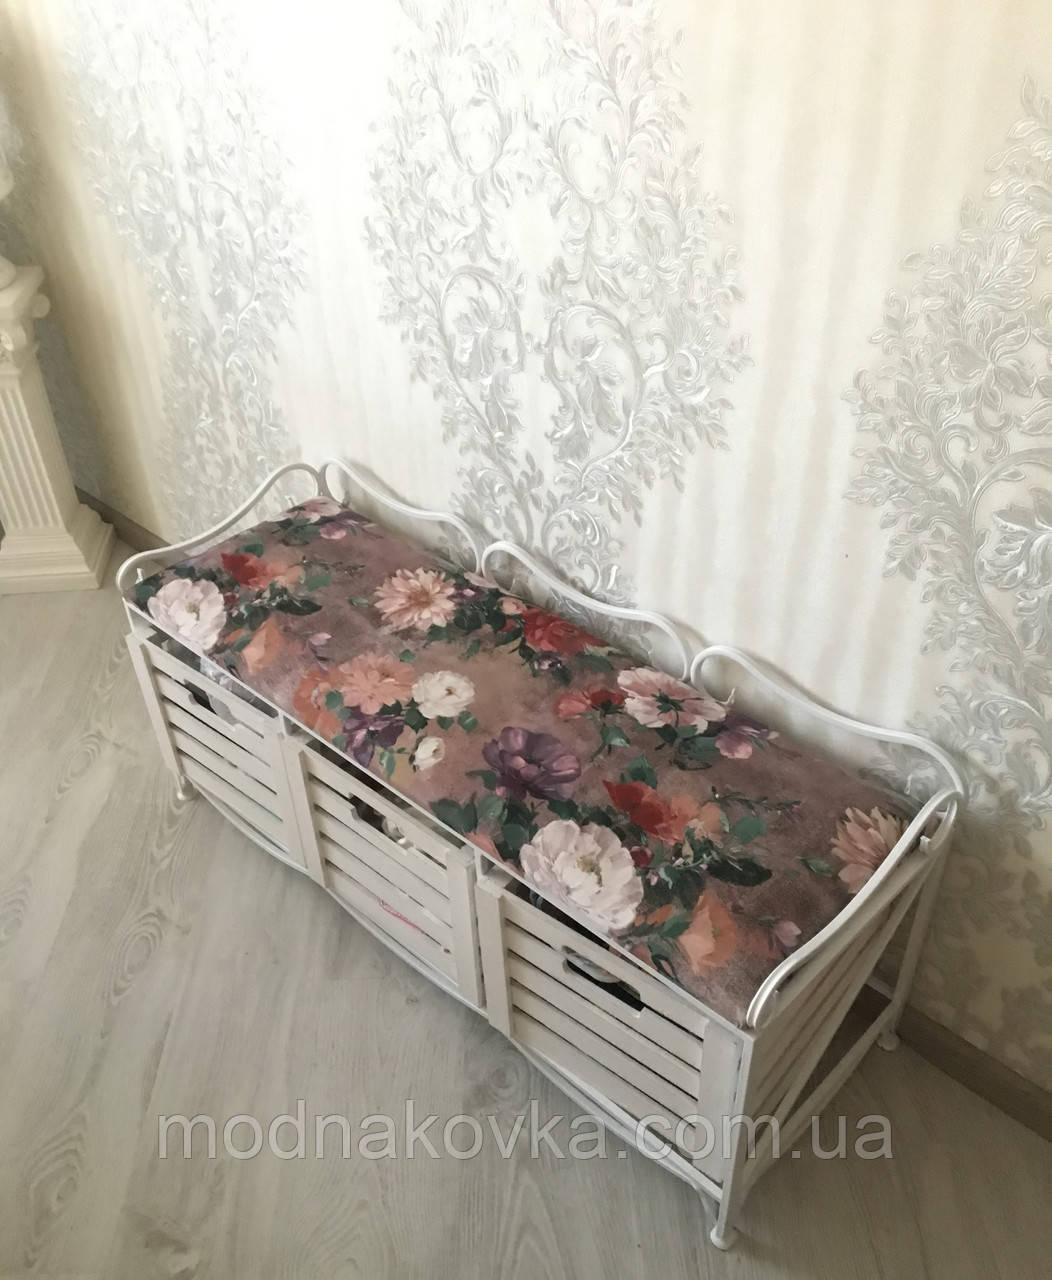 Диван (этажерка-лавка кованая) на 3 ящиками